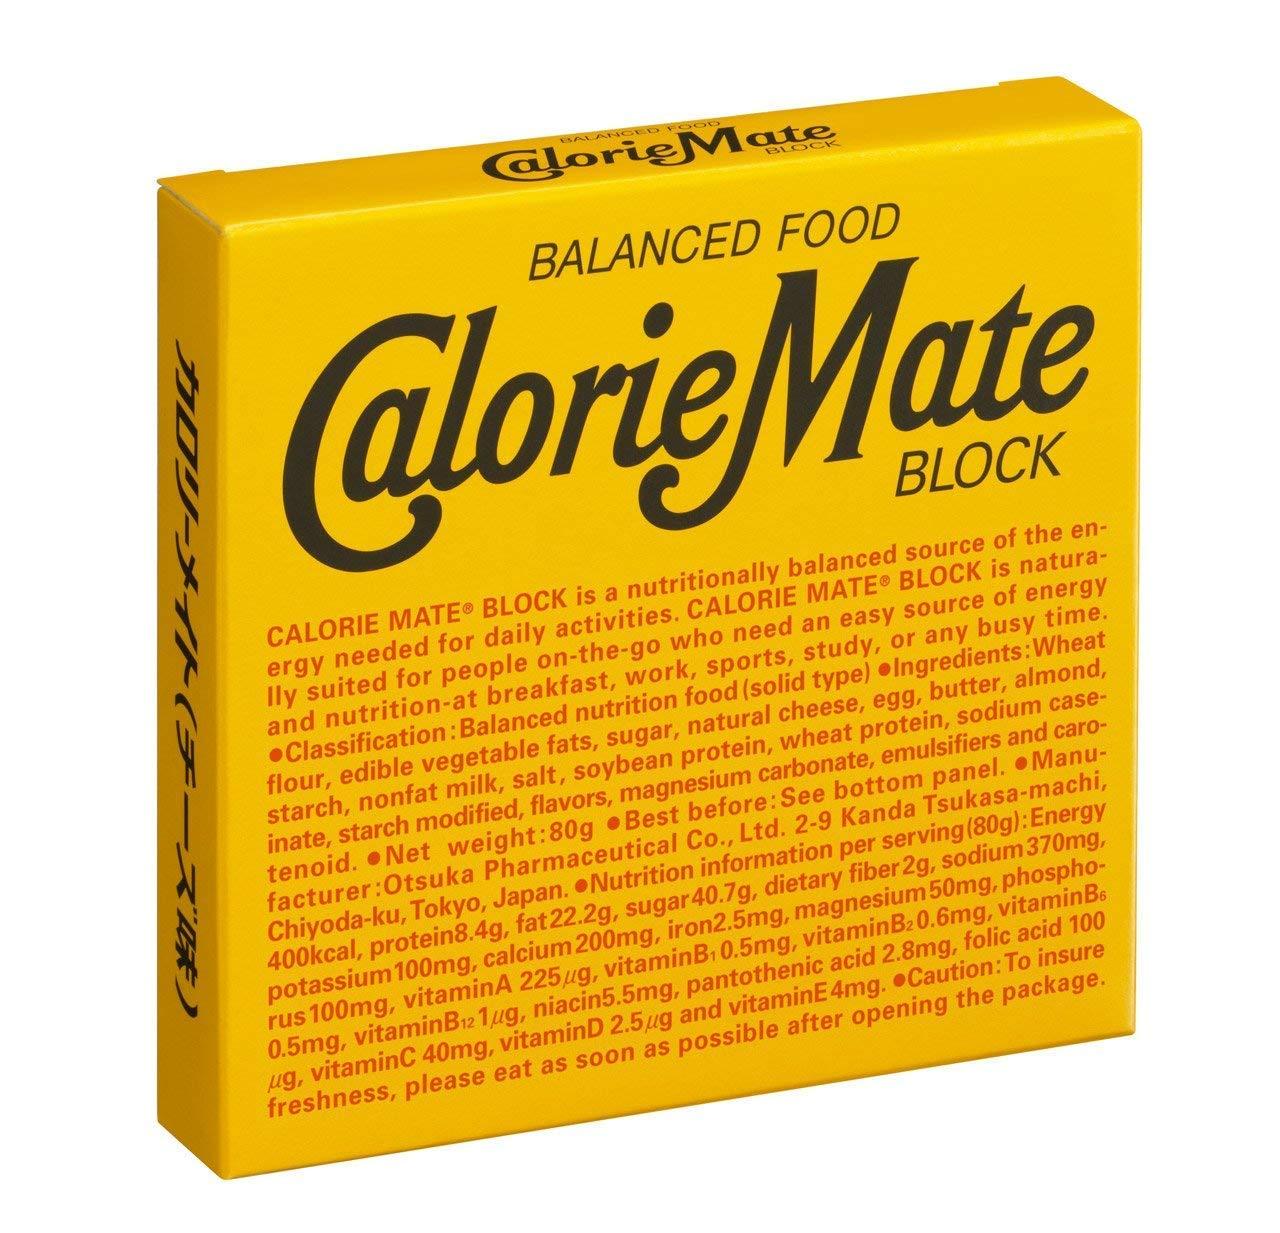 Image of カロリーメイト ブロック チーズ味 4本